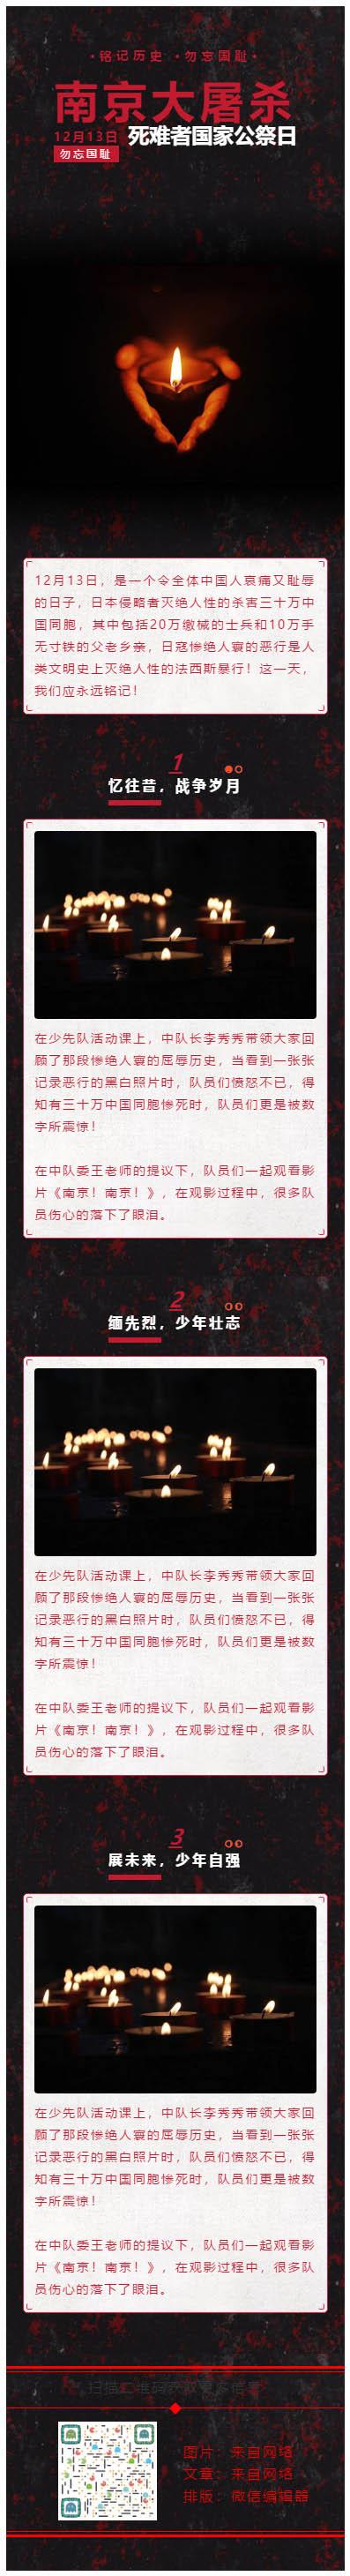 12月13日国家公祭日南京大屠杀纪念日哀悼黑色背景微信推文模板推送素材